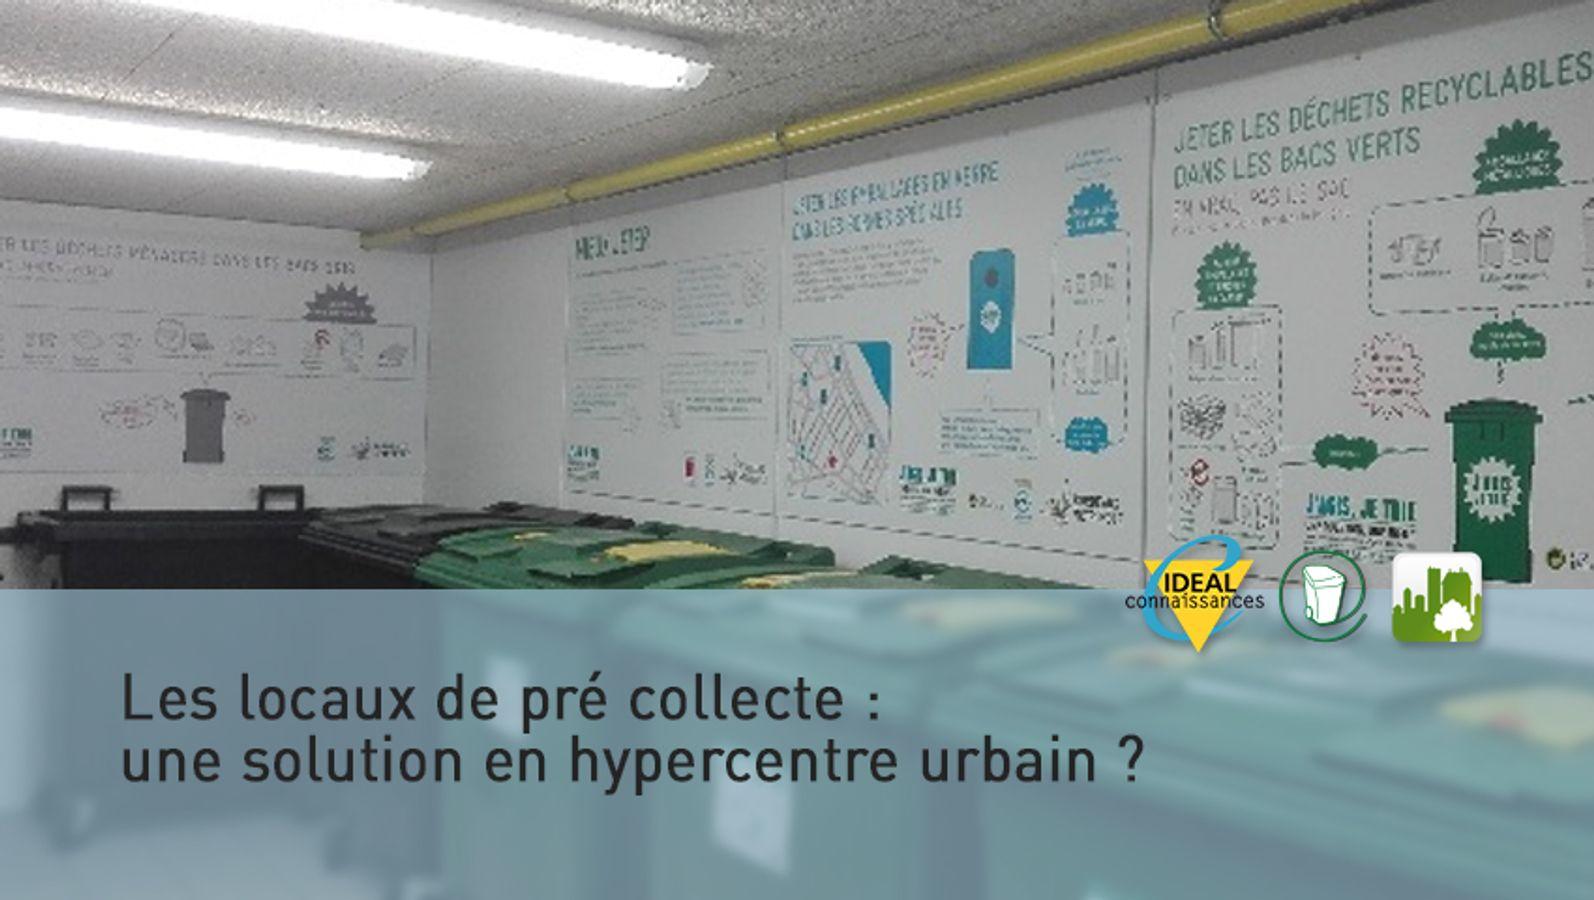 Les locaux de pré collecte : une solution en hypercentre urbain ?